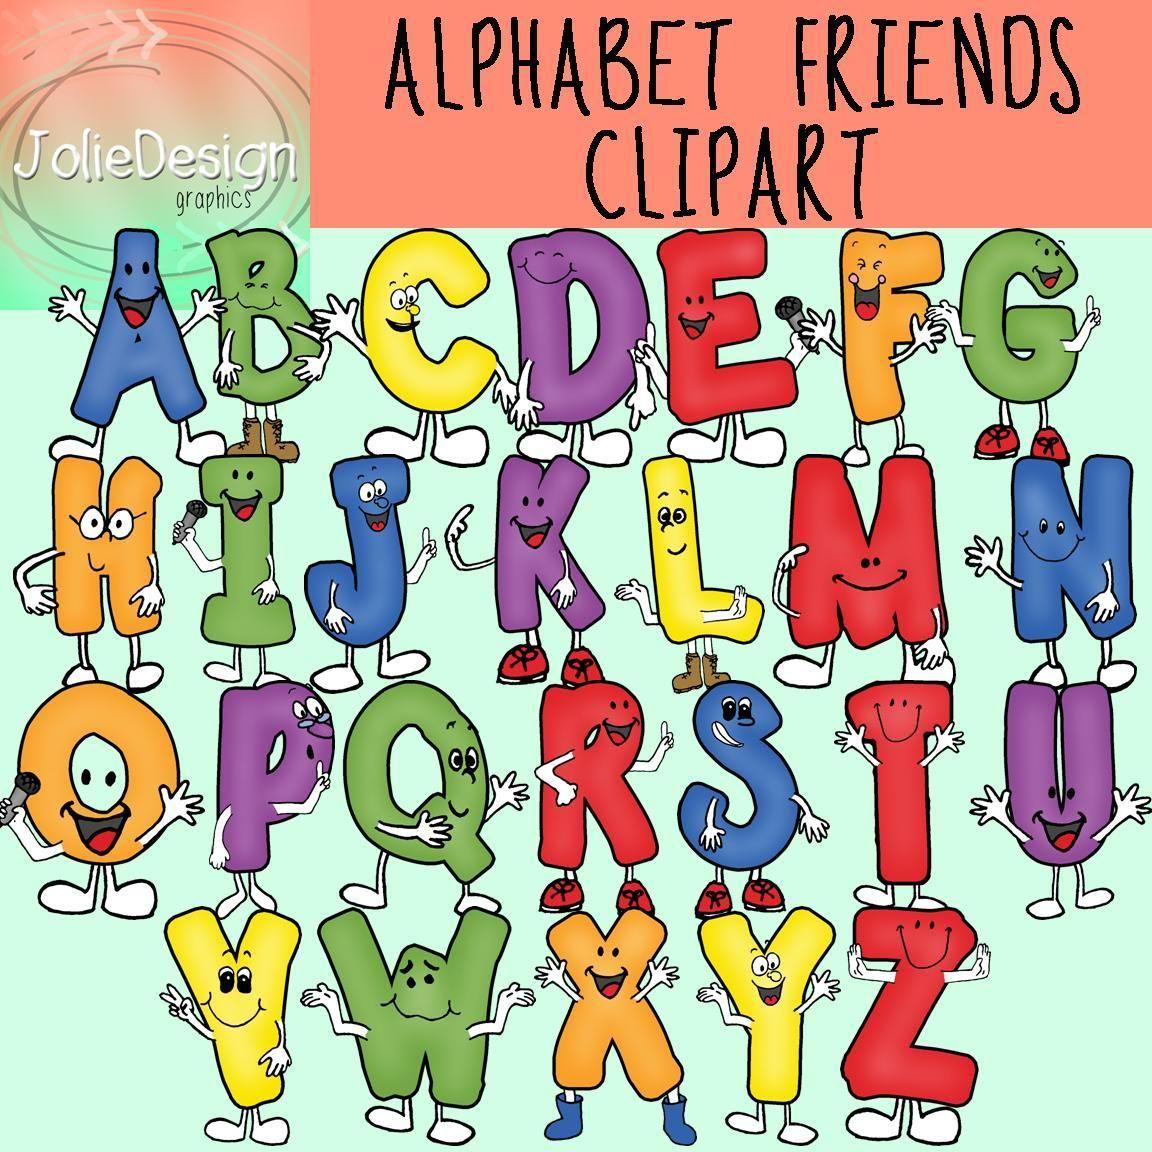 Friend clipart alphabet. Friends set color and